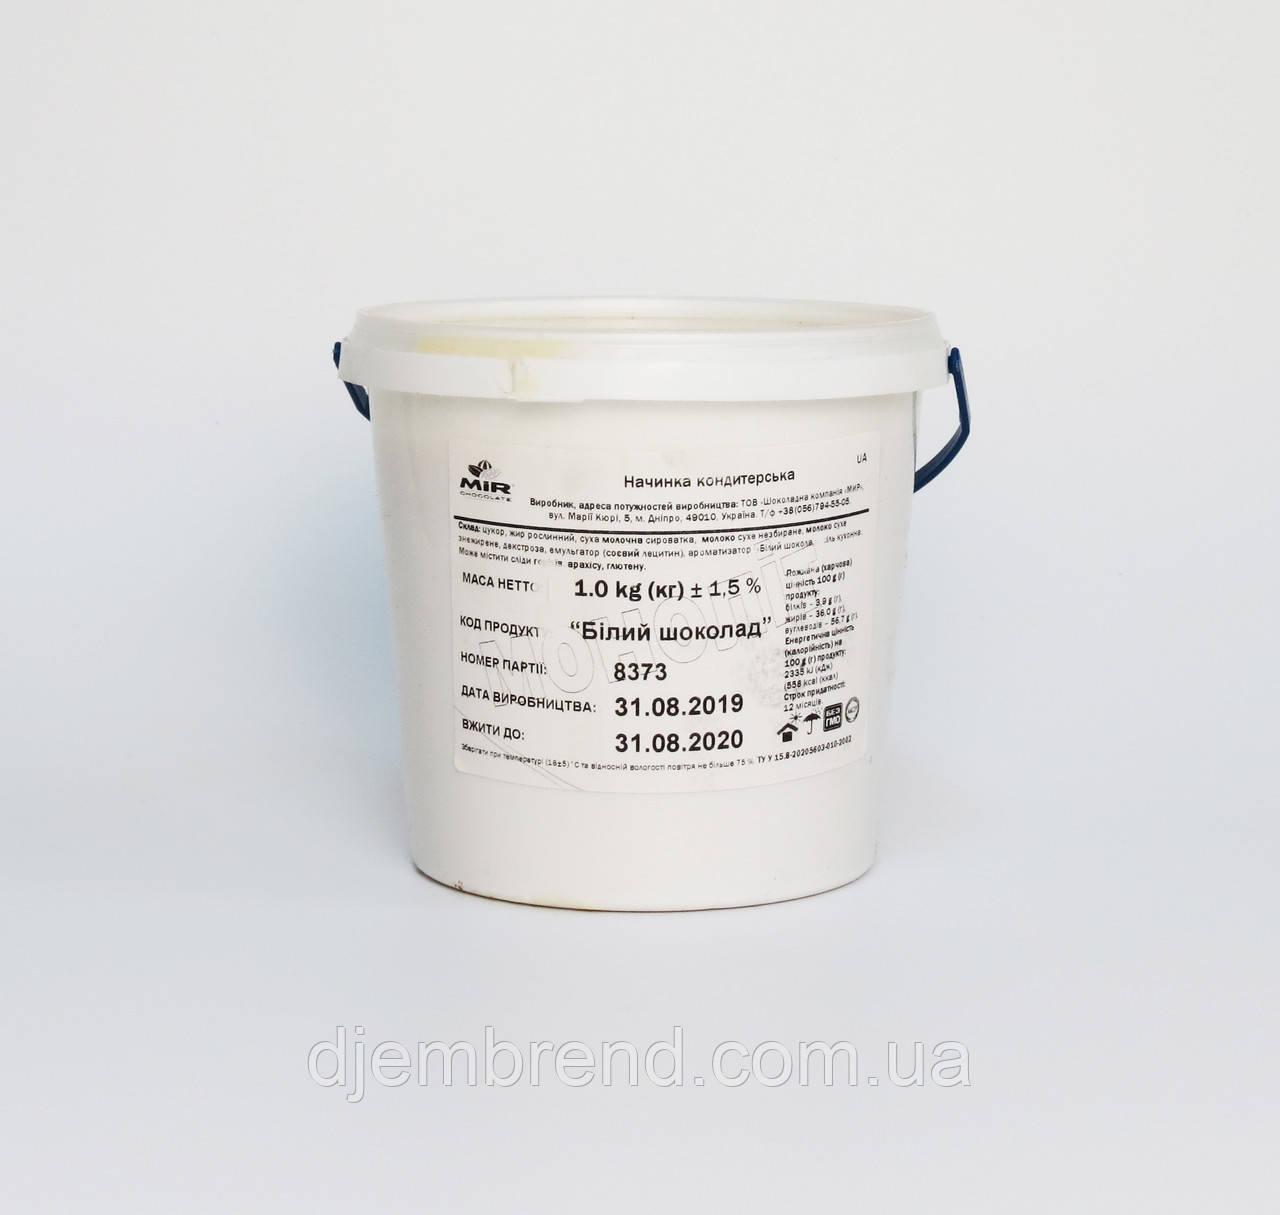 """Начинка """"Nutterella"""", Белый шоколад, Мир, Украина, 1 кг"""